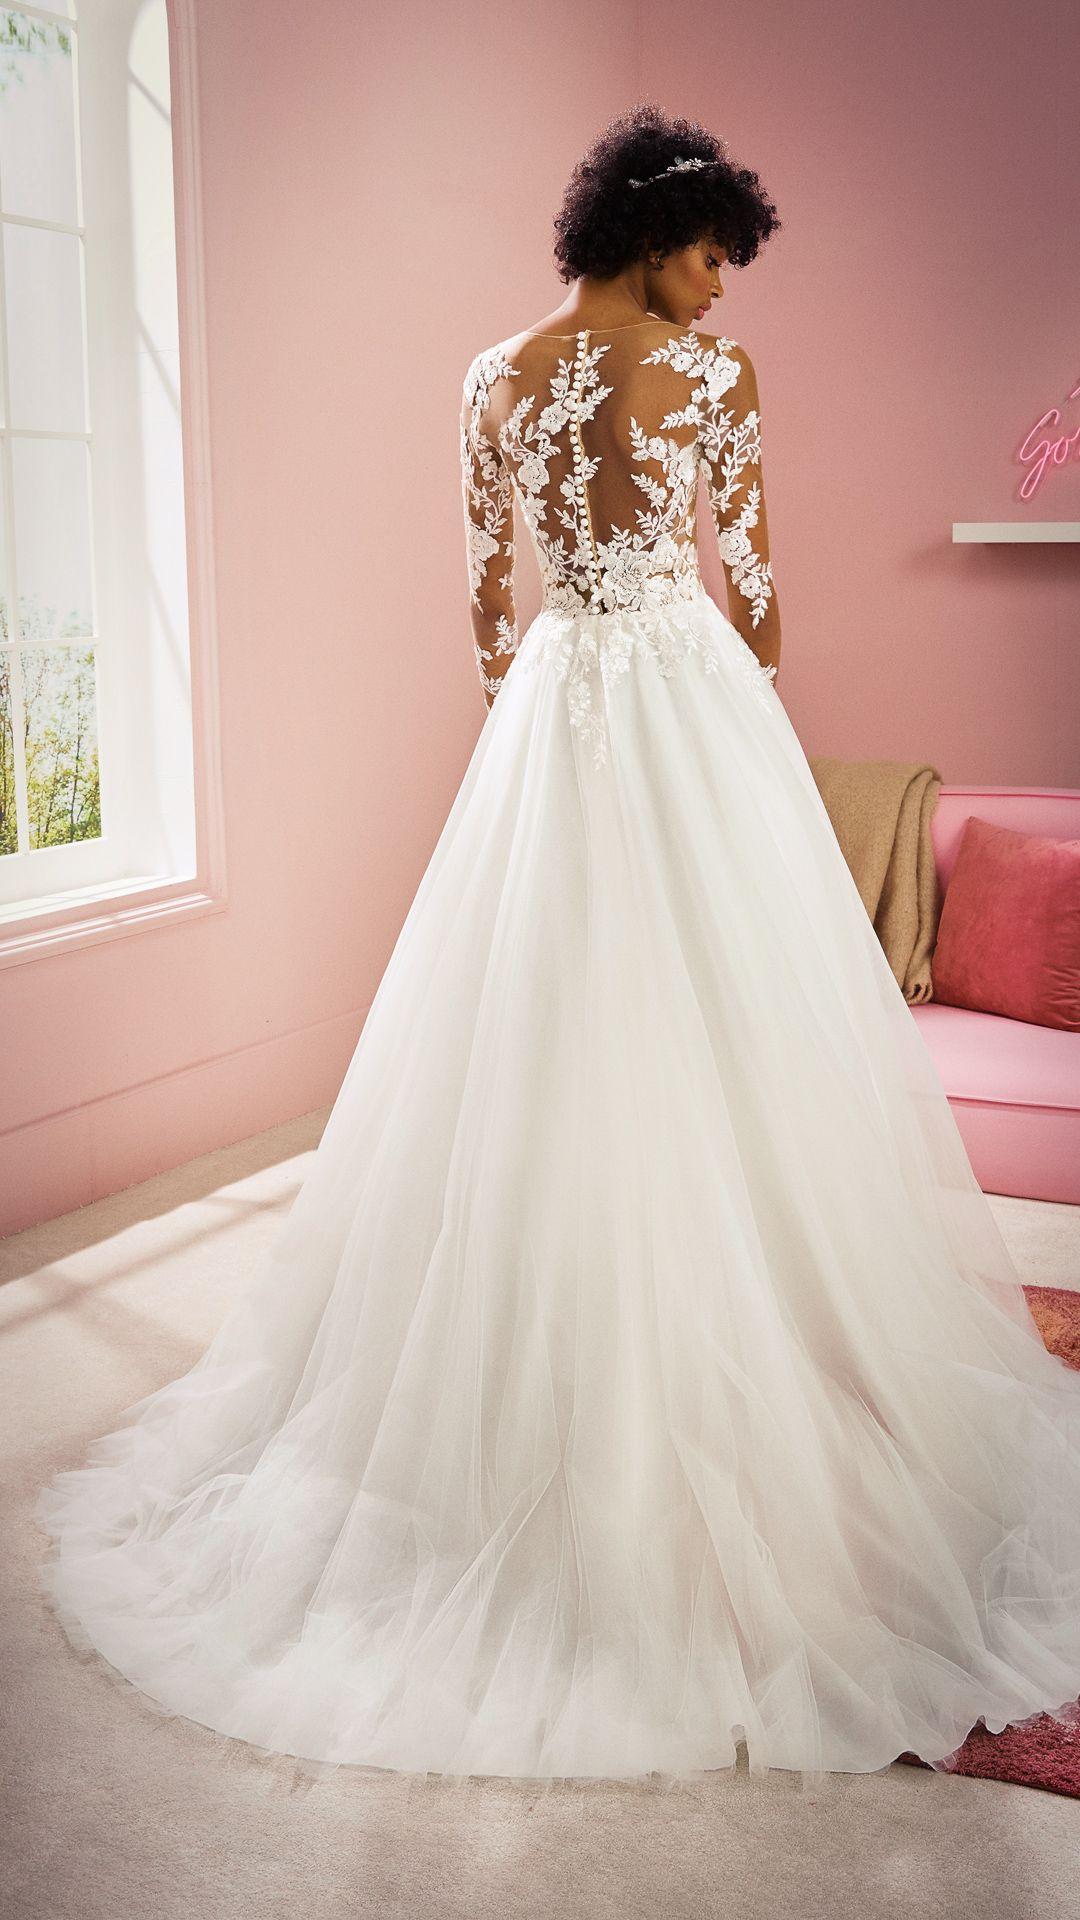 Hochzeitskleider 11 White One Kollektion Modell: CARRIE-C